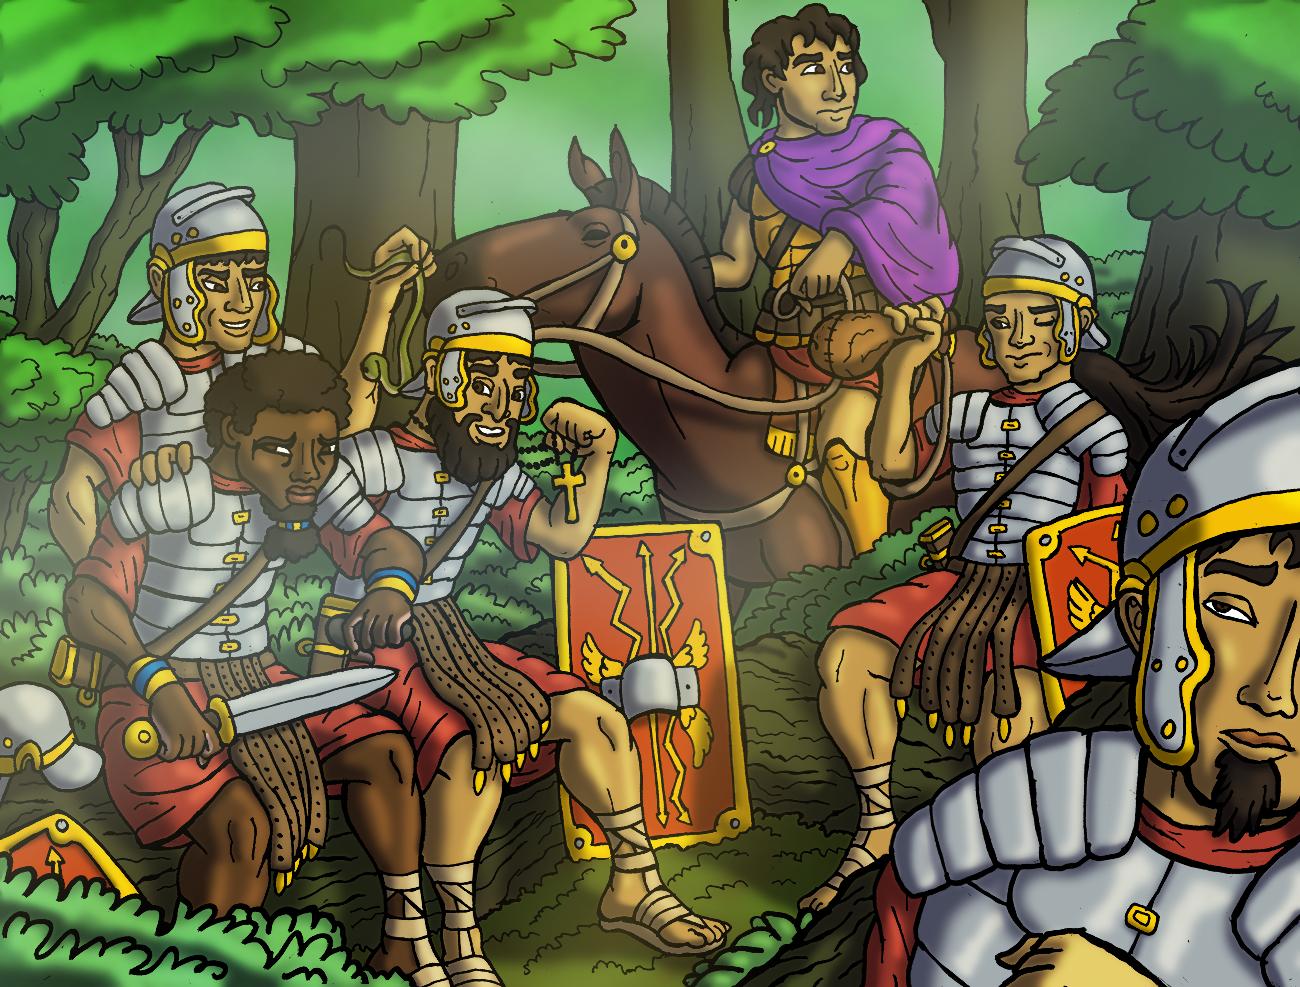 Romans Recuperating